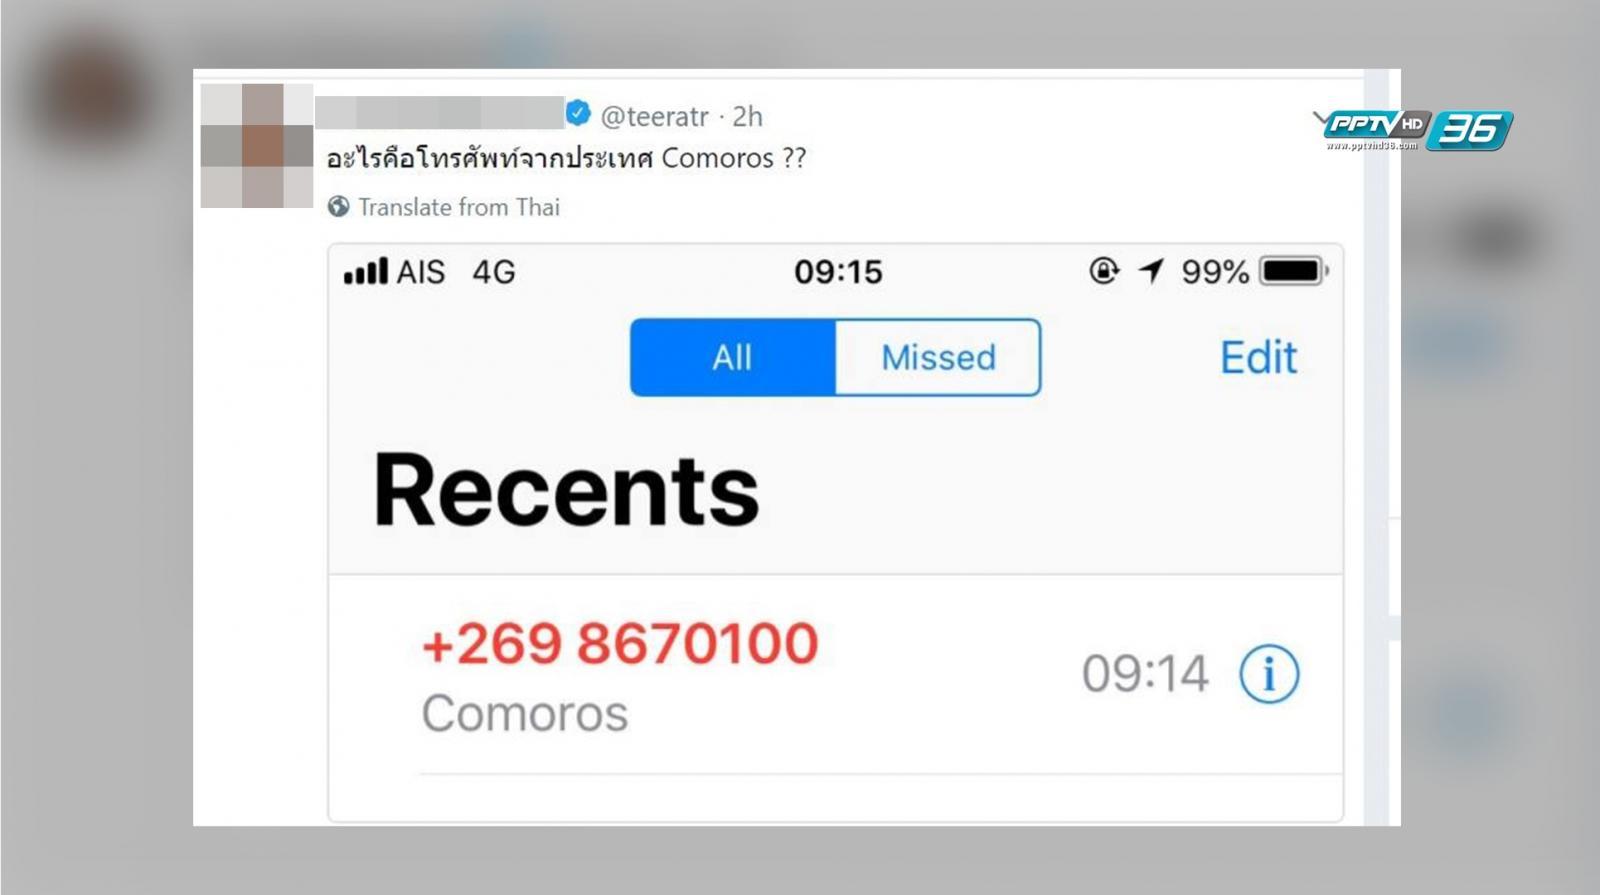 3 ค่ายมือถือดัง แนะงดรับสาย-โทรกลับ เบอร์แปลกจากต่างประเทศ